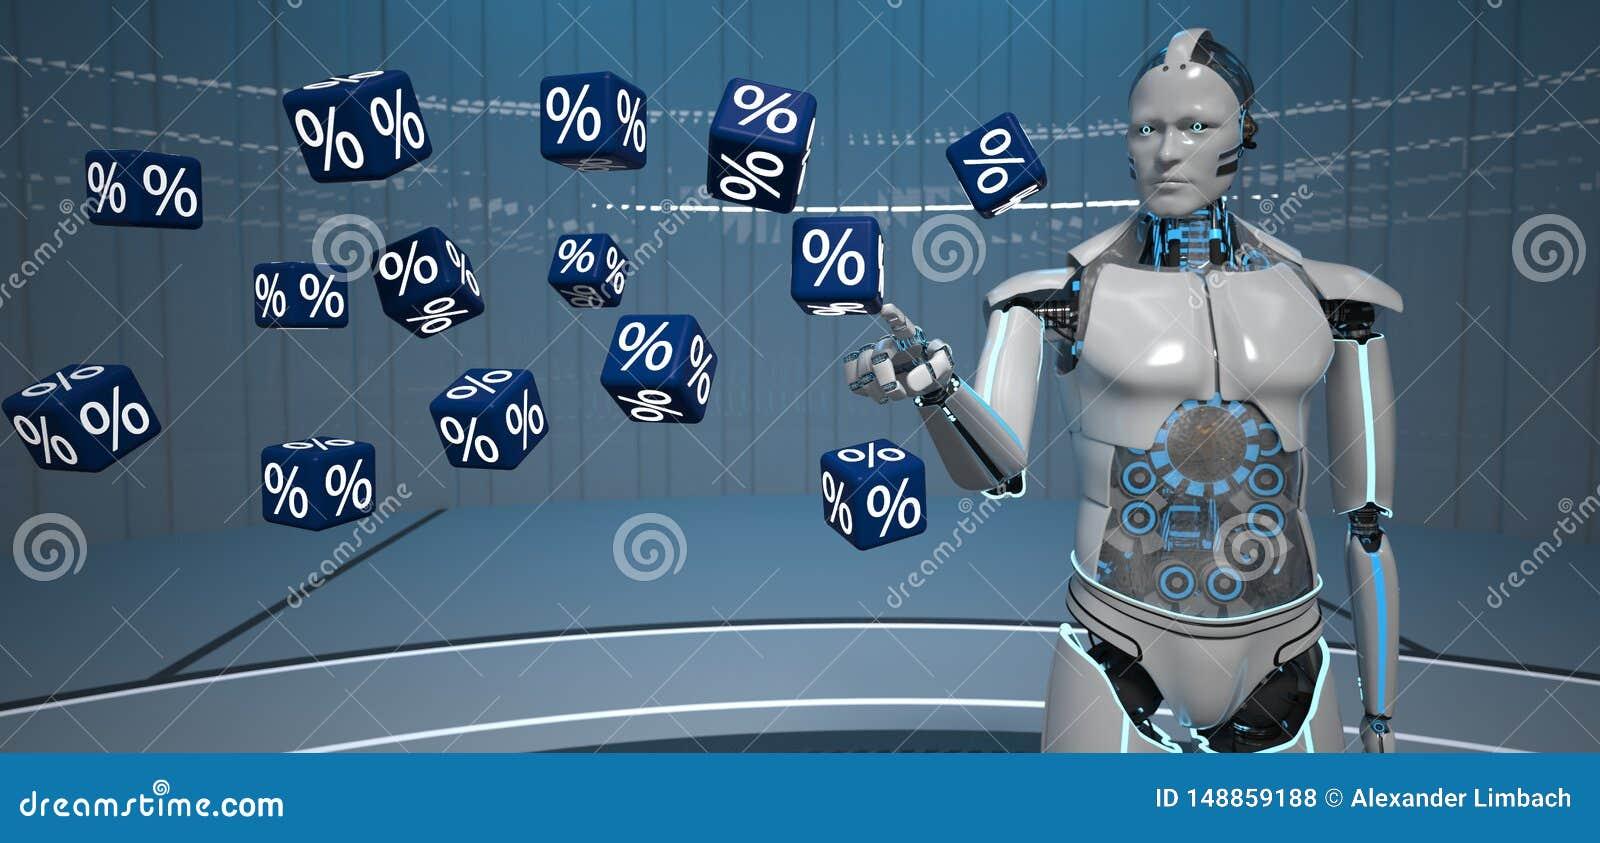 Cubos Humanoid dos por cento do robô